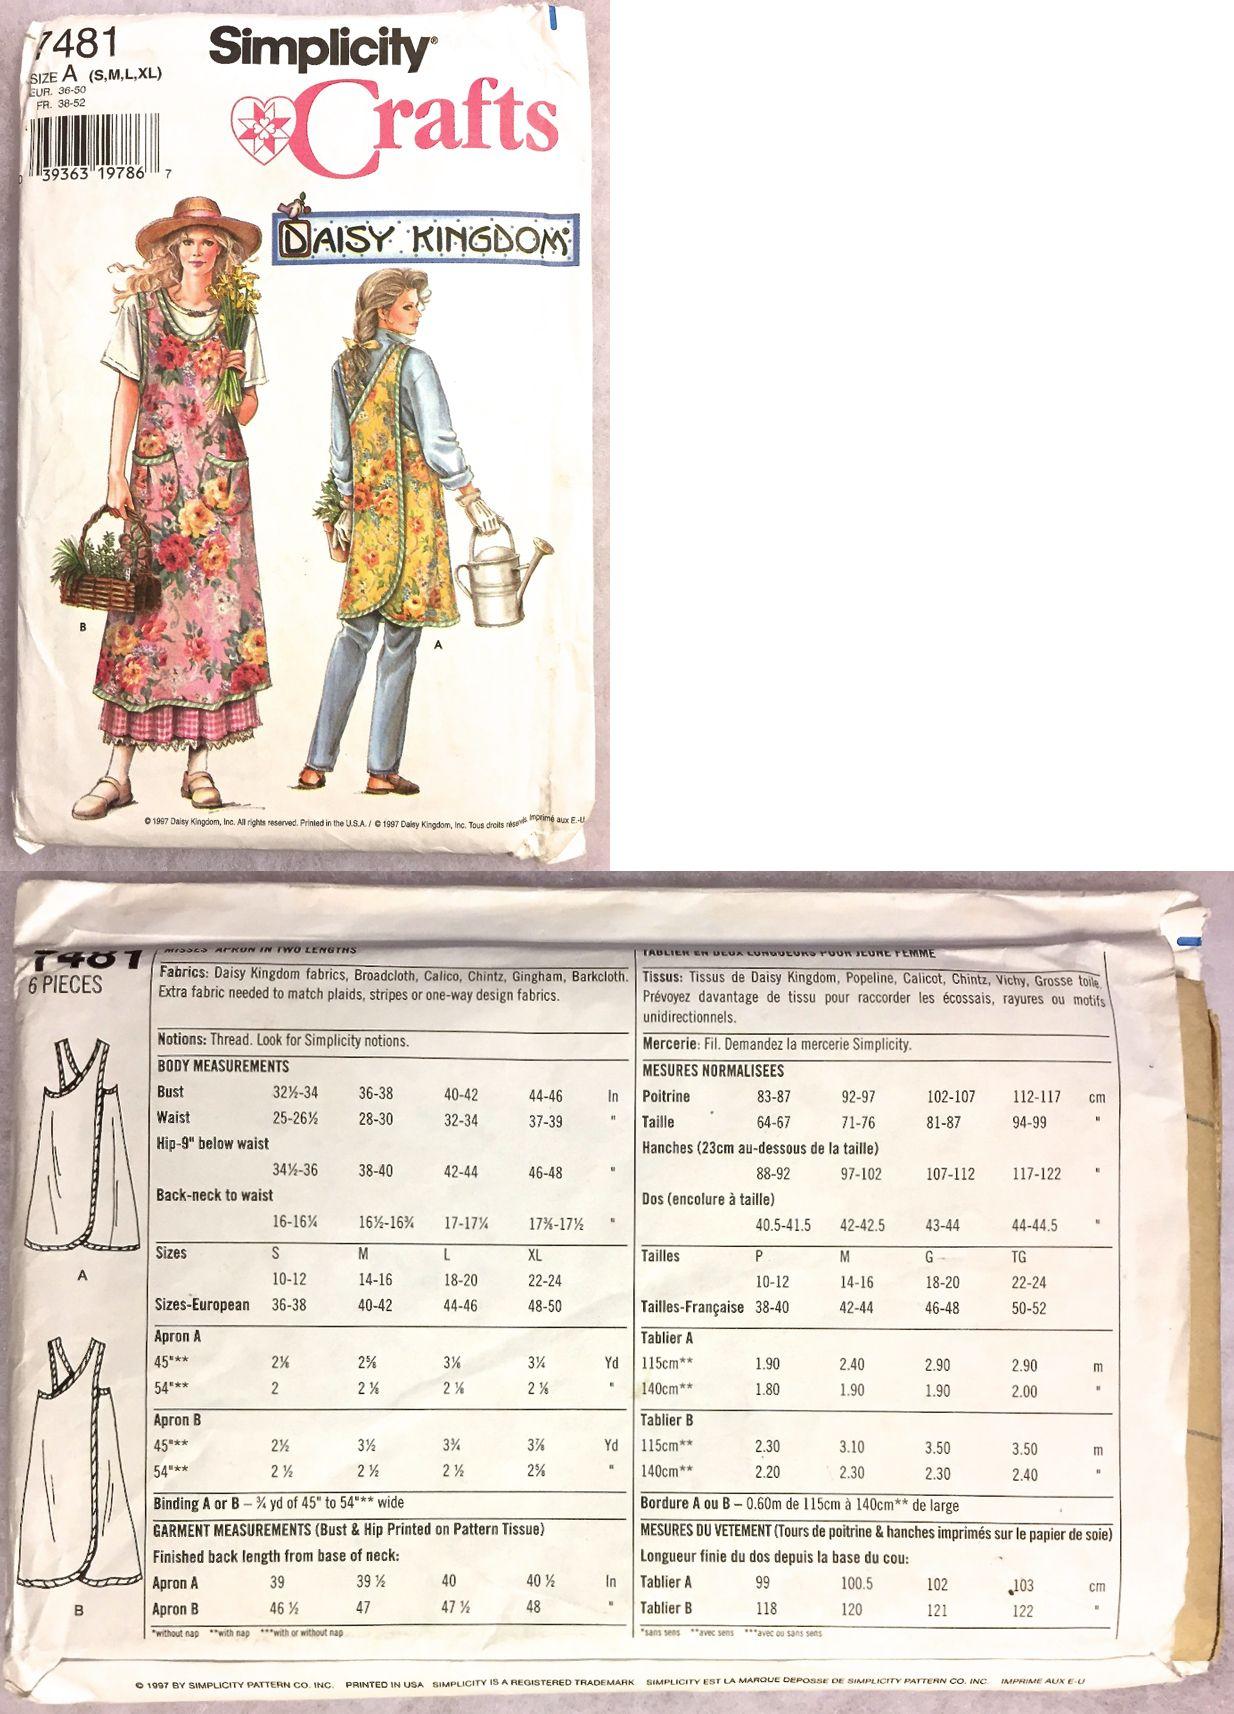 Sewing patterns 28174 apron sewing pattern daisy kingdom plus sewing patterns 28174 apron sewing pattern daisy kingdom plus size smock rare htf simplicity 7481 jeuxipadfo Choice Image